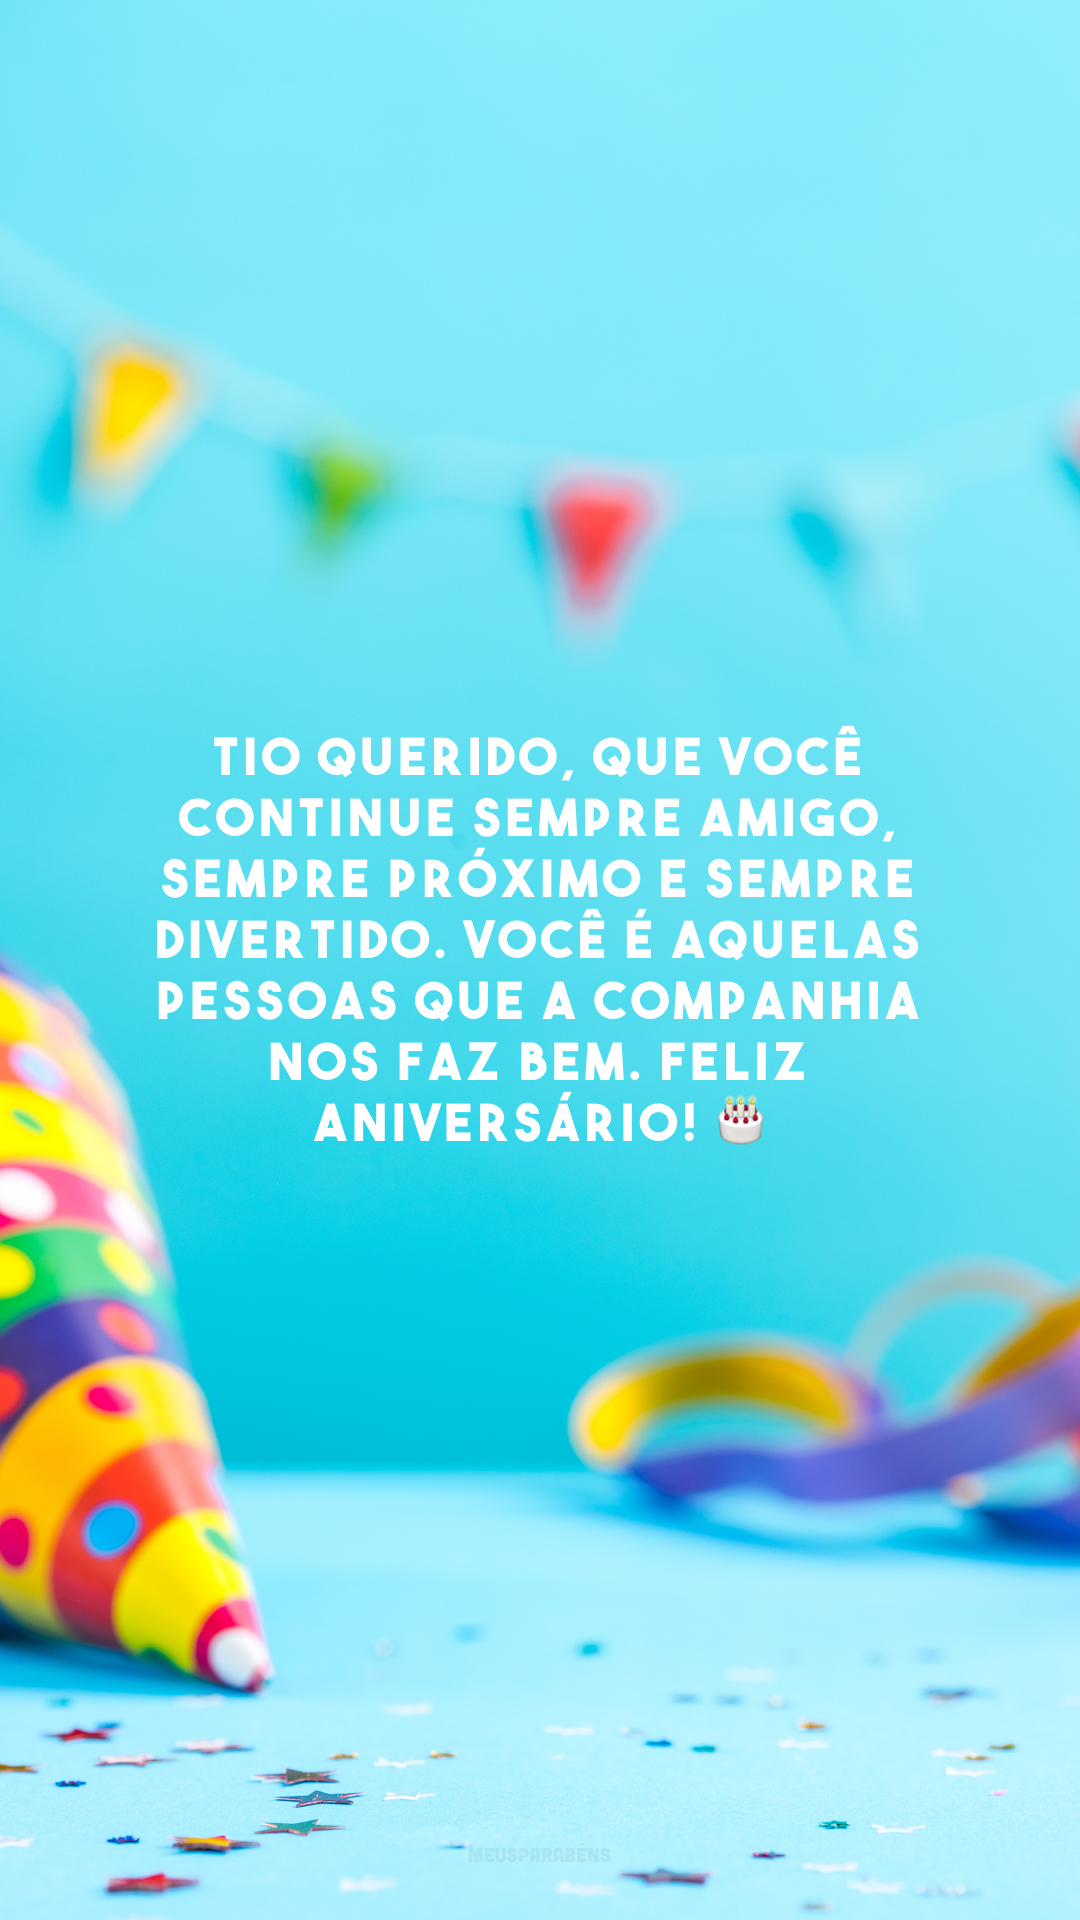 Tio querido, que você continue sempre amigo, sempre próximo e sempre divertido. Você é aquelas pessoas que a companhia nos faz bem. Feliz aniversário! 🎂